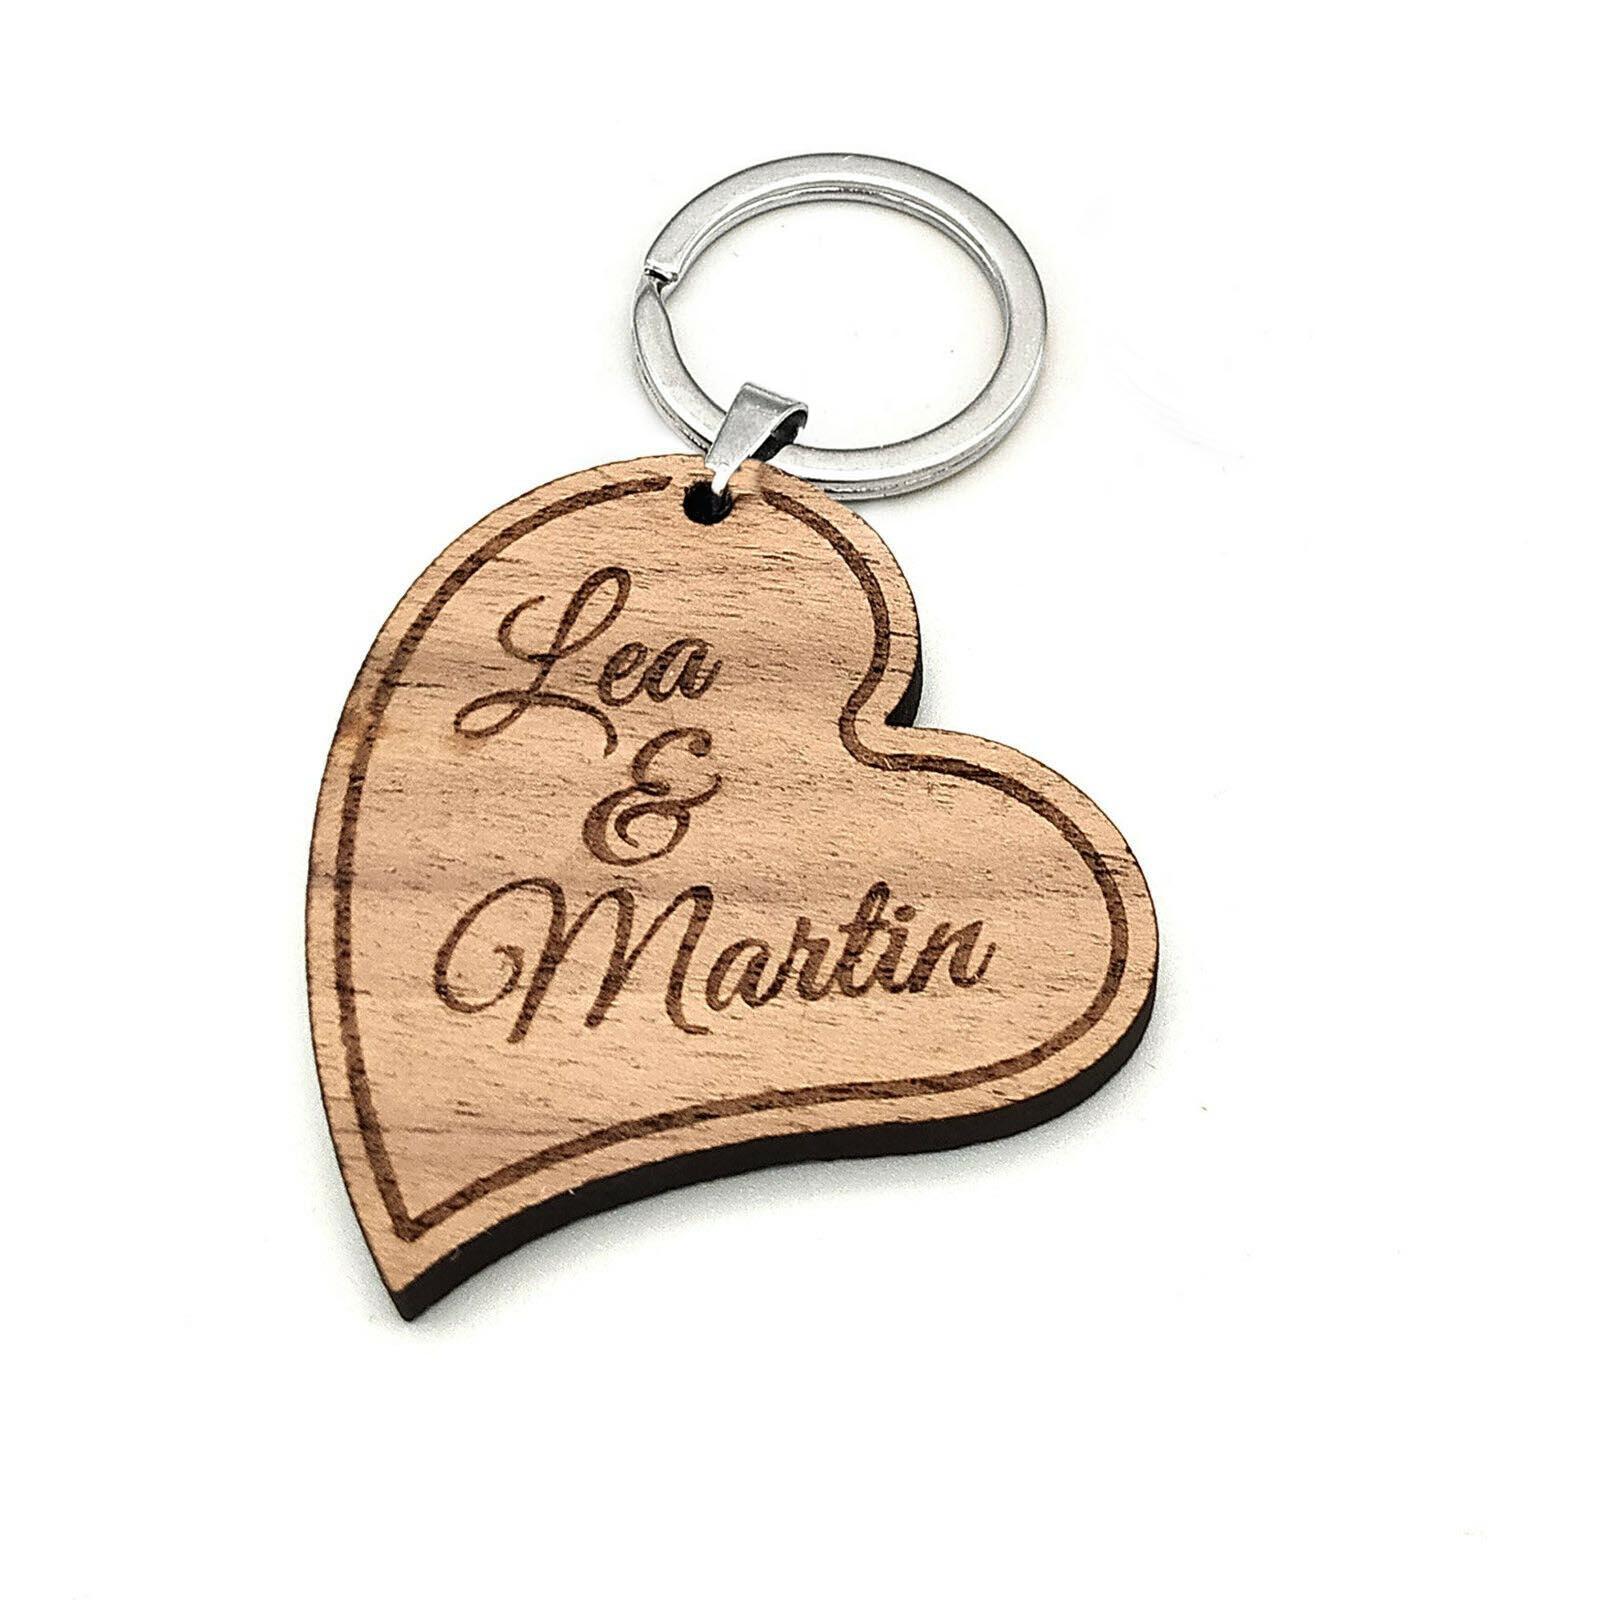 Herz Schlüsselanhänger aus Nussbaum Holz - mit Gravur - Geschenk Anhänger